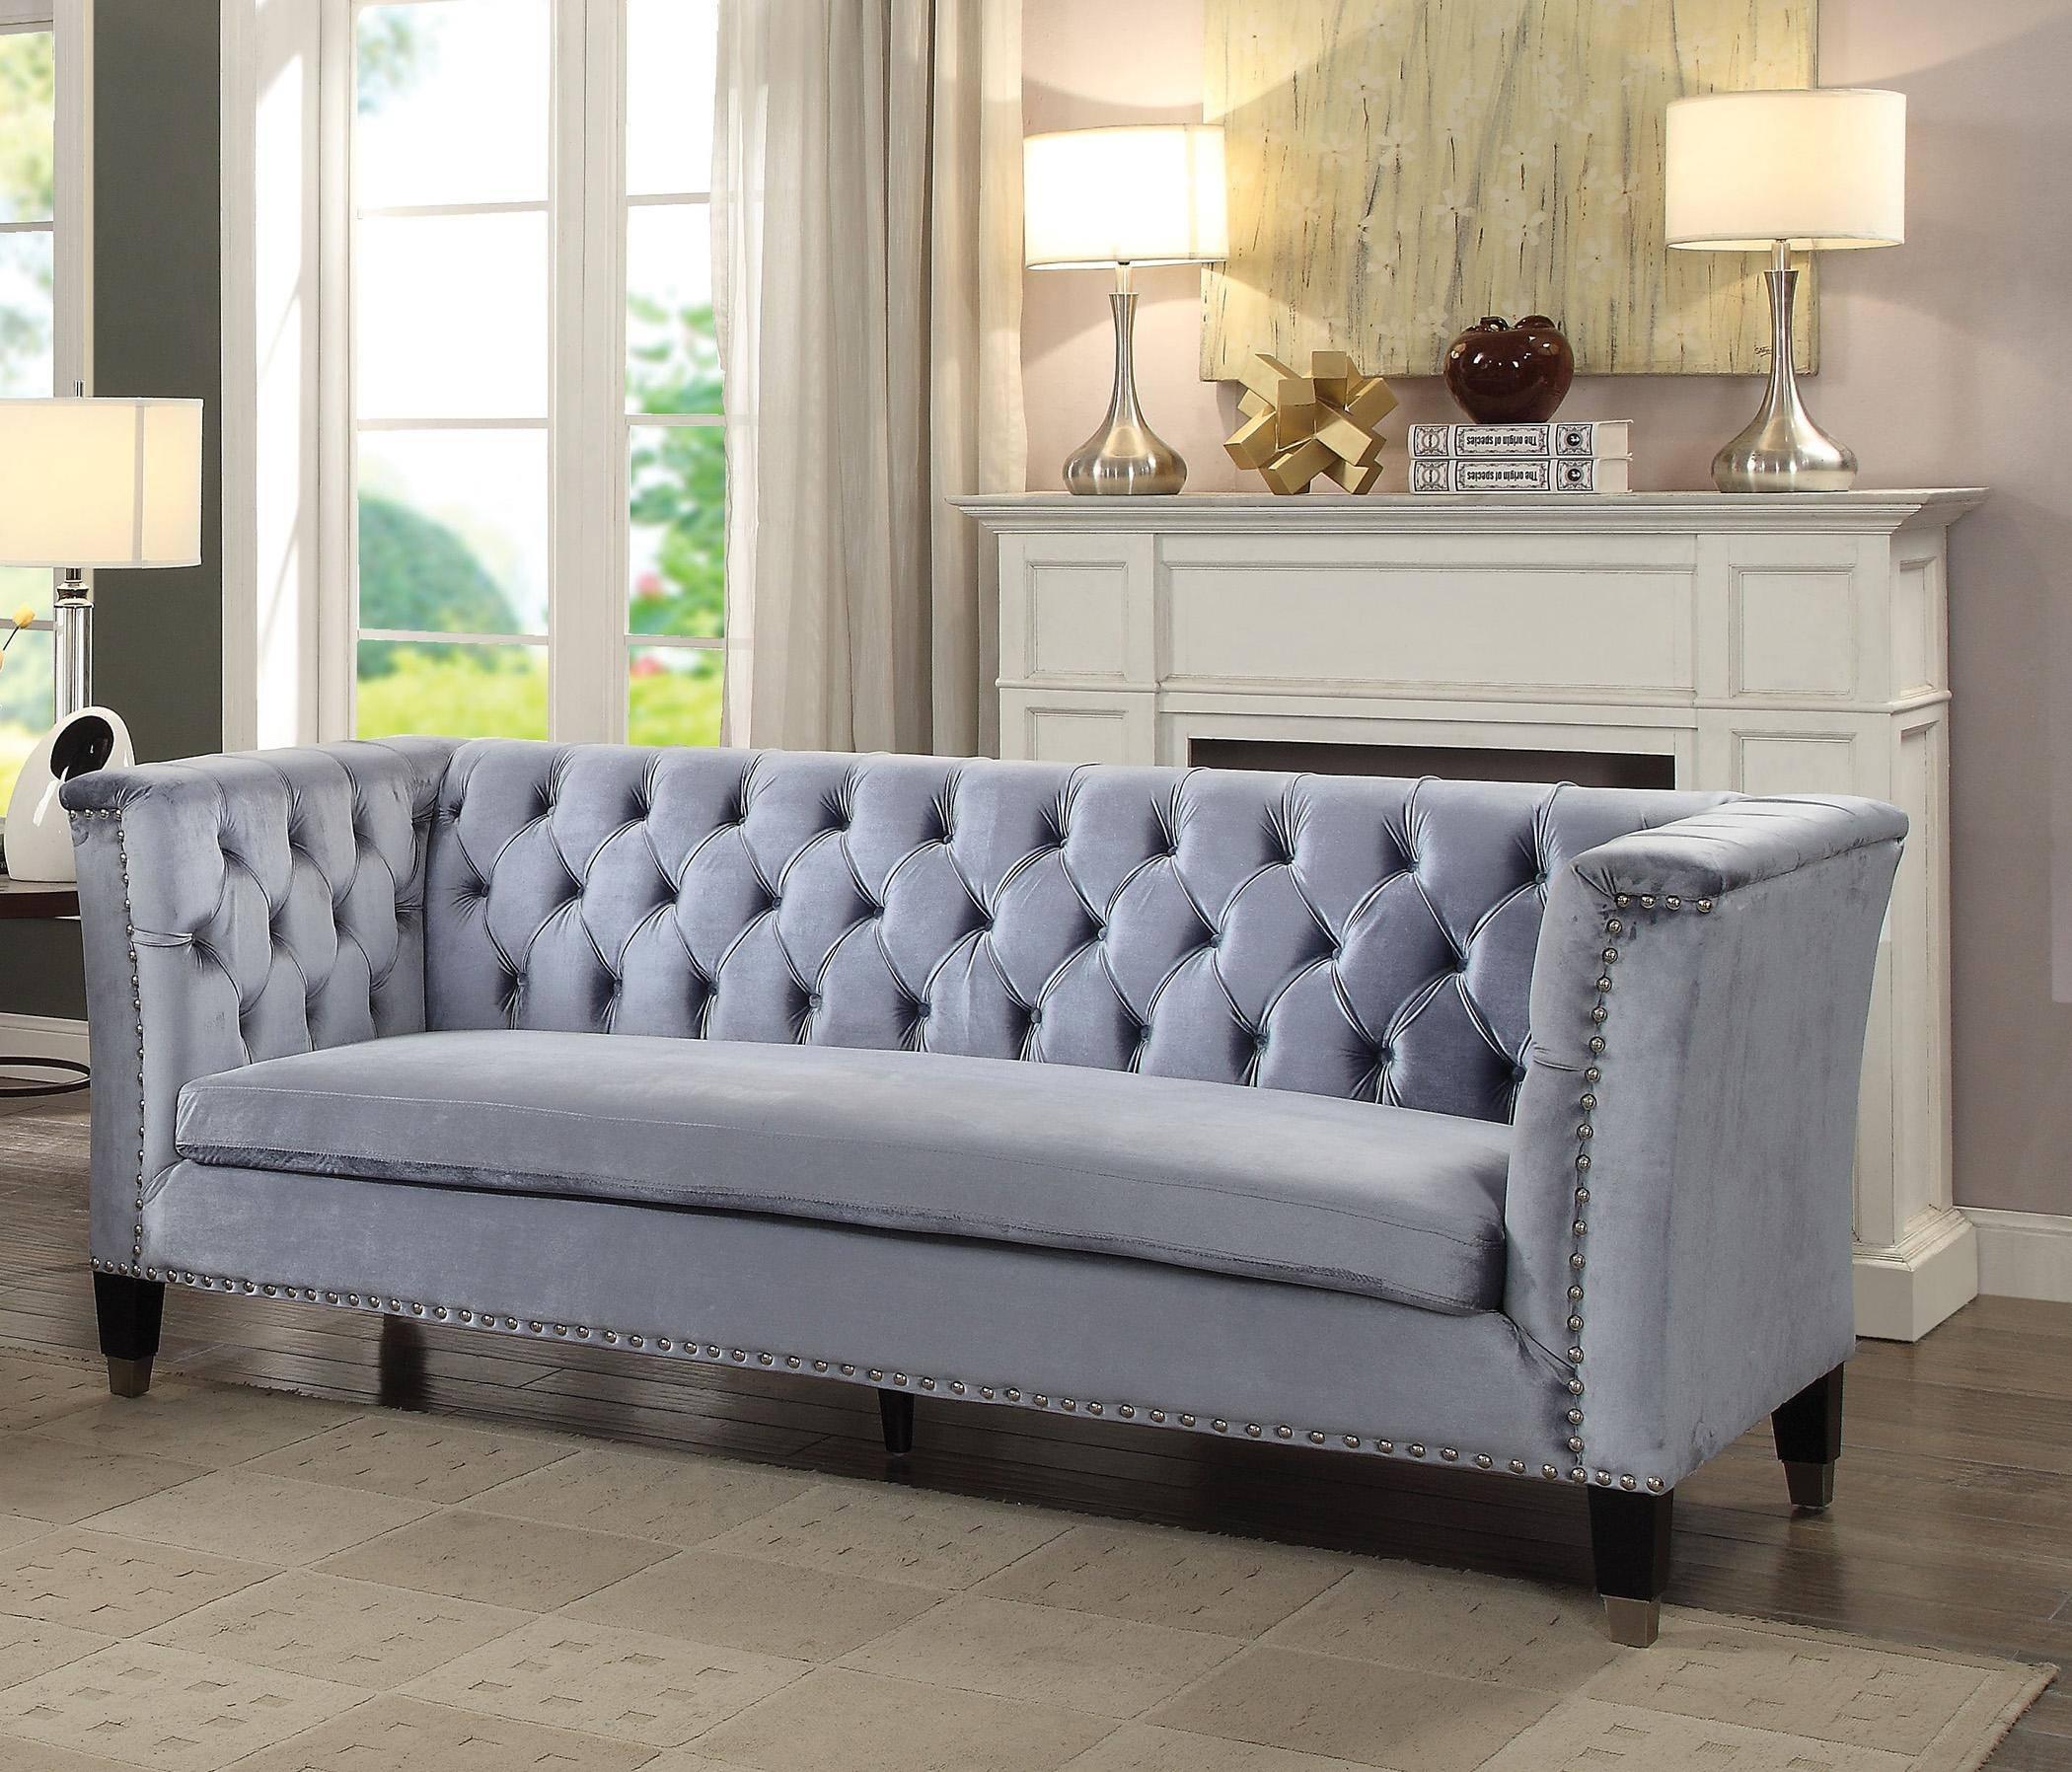 Buy Acme Honor 52785 Sofa In Cobalt Blue Velvet Online